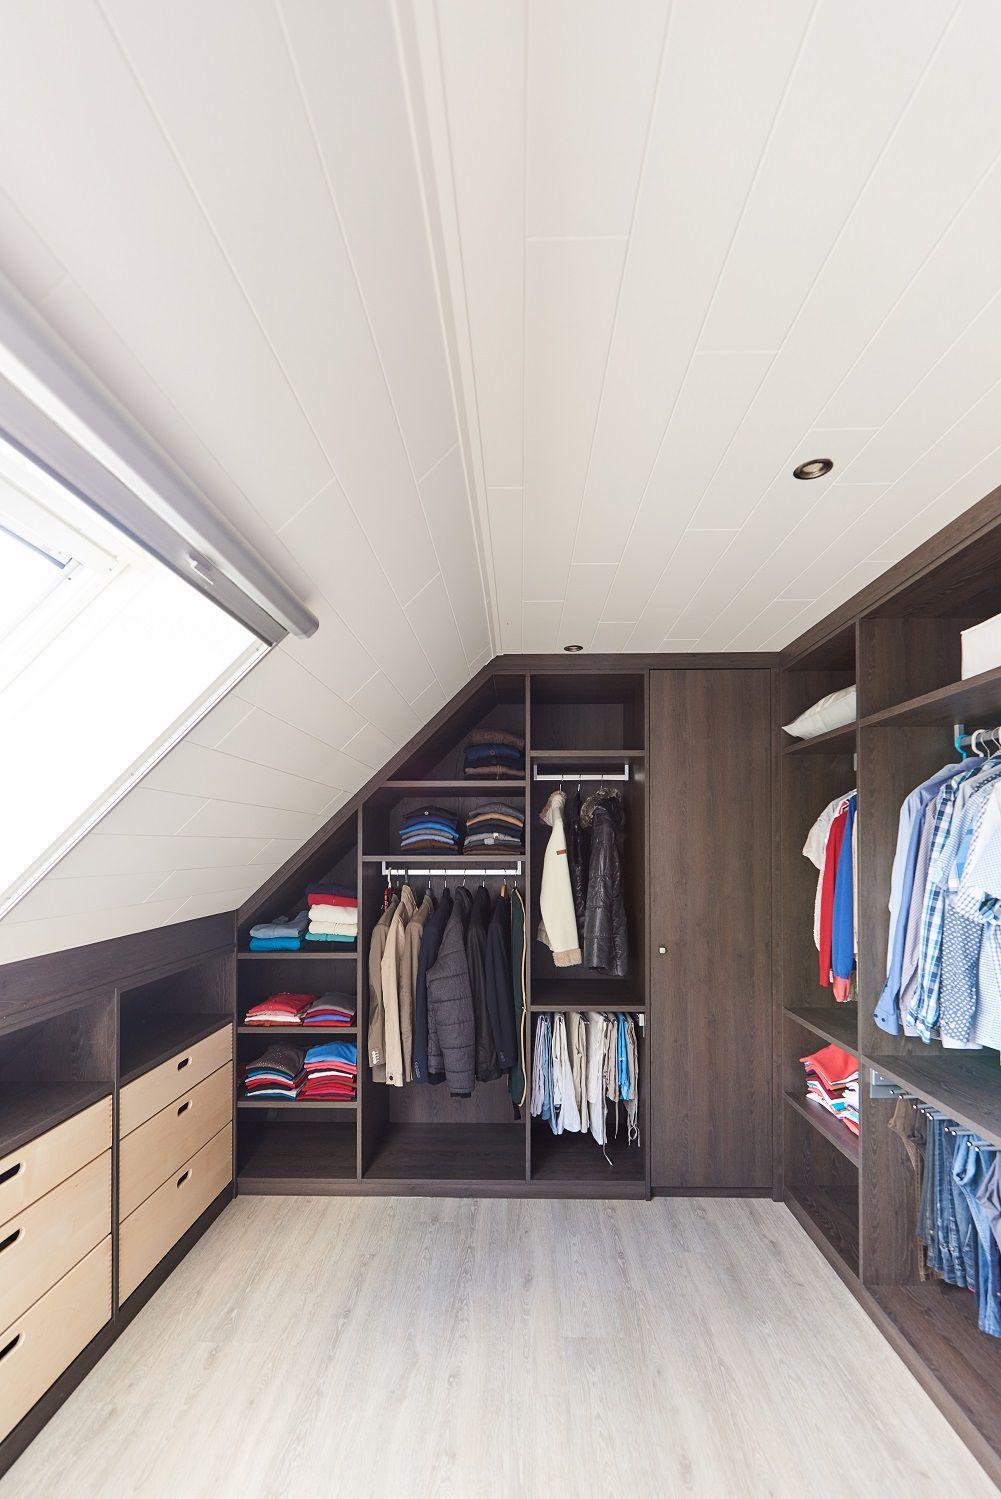 Een dressing op maat van Camber zorgt ervoor dat al je kleren en accessoires een opbergplek krijgen.